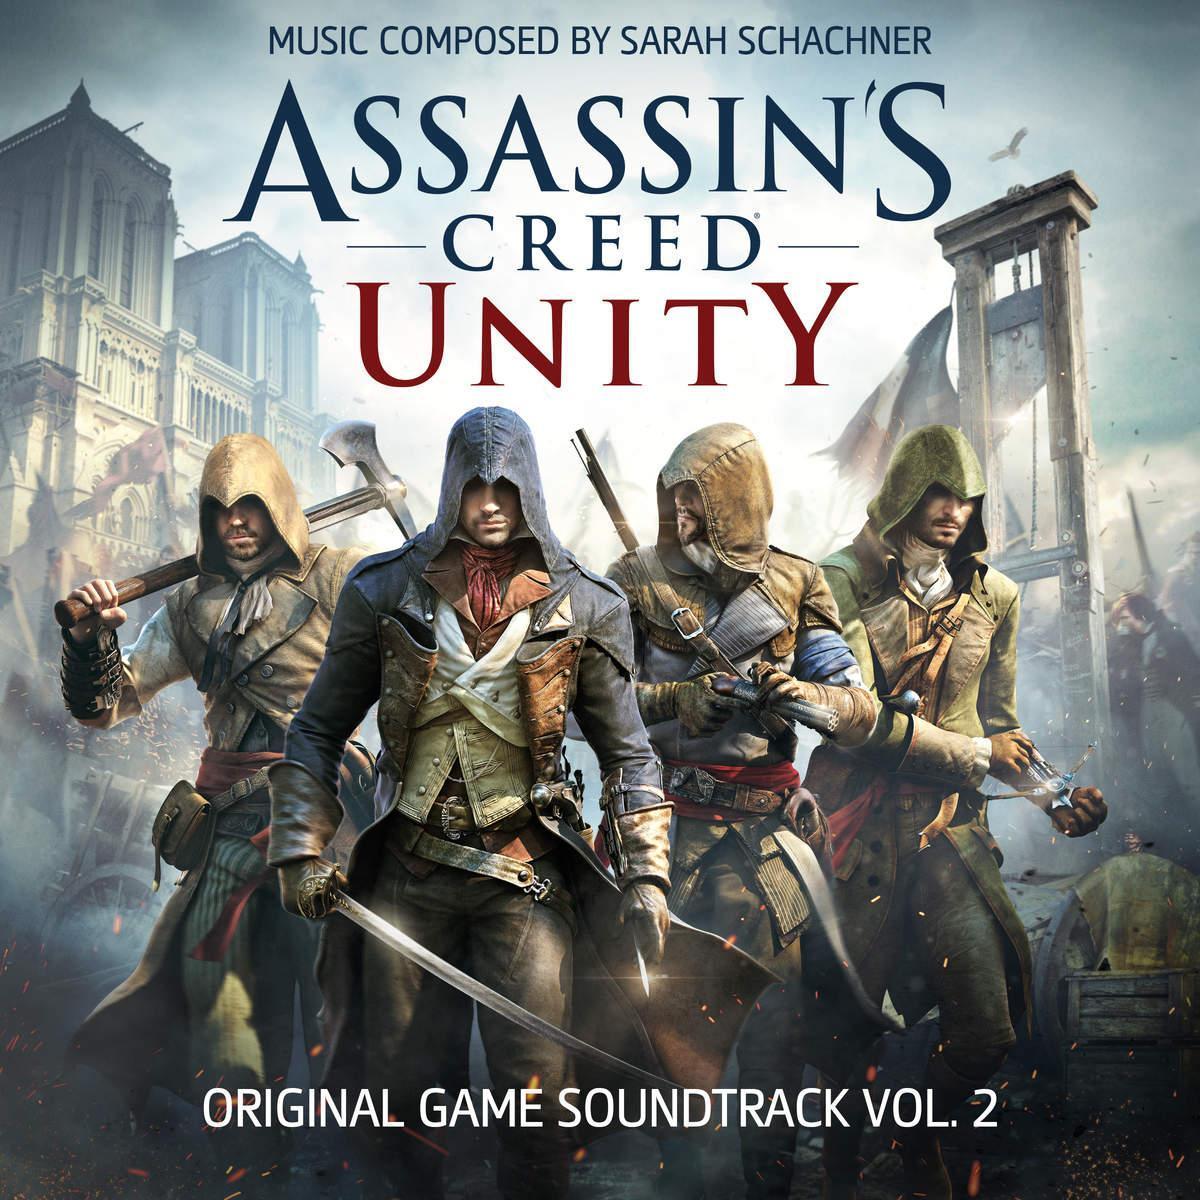 Assassins_Creed-Unity-Original_Game_Soundtrack_Vol._2__cover1200x1200.jpg